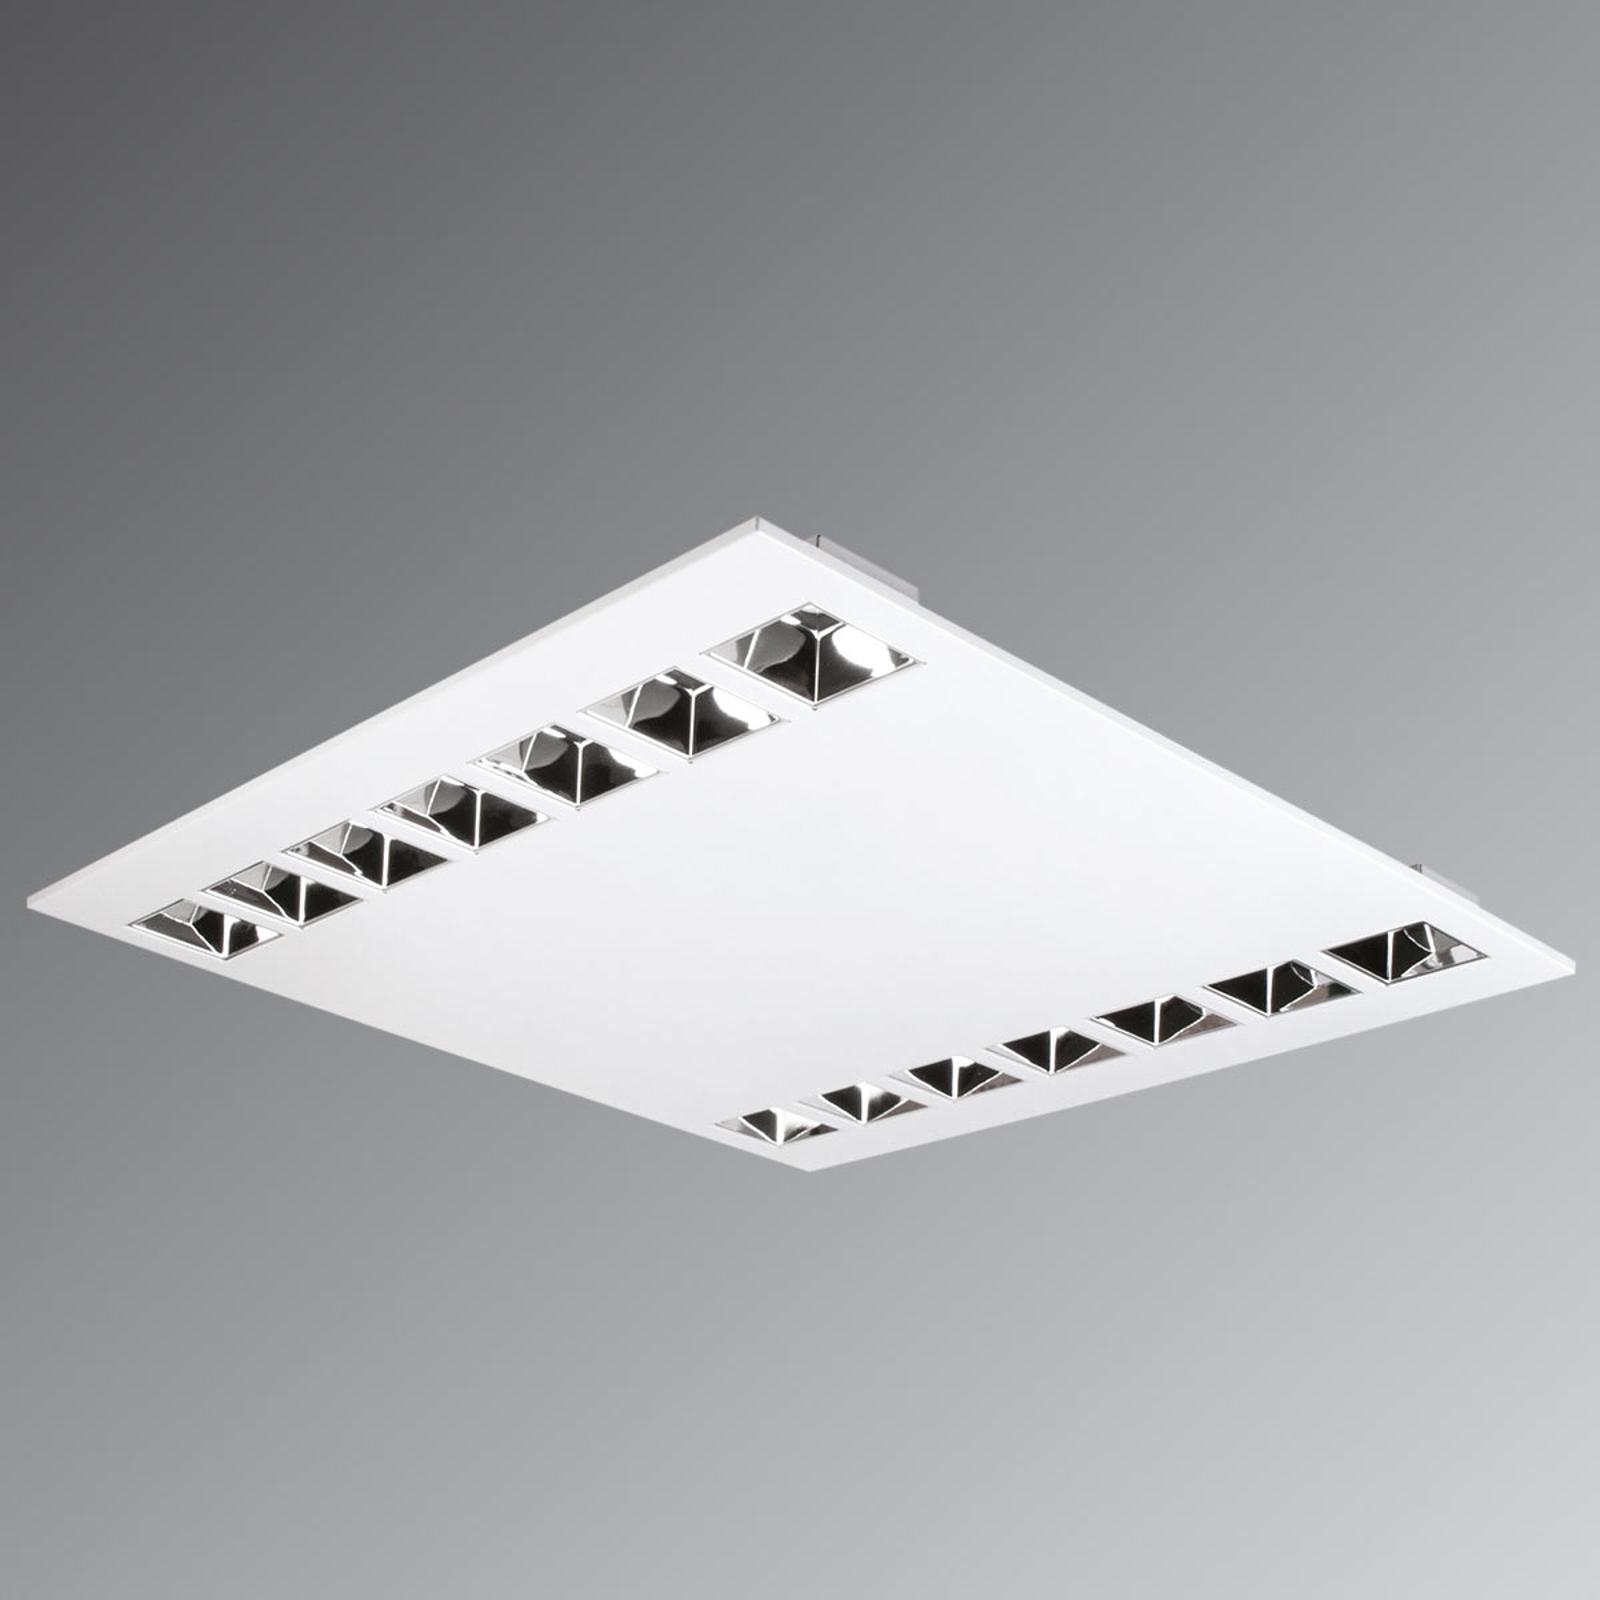 Estela LED-lampe til forsænkning, lav blænding